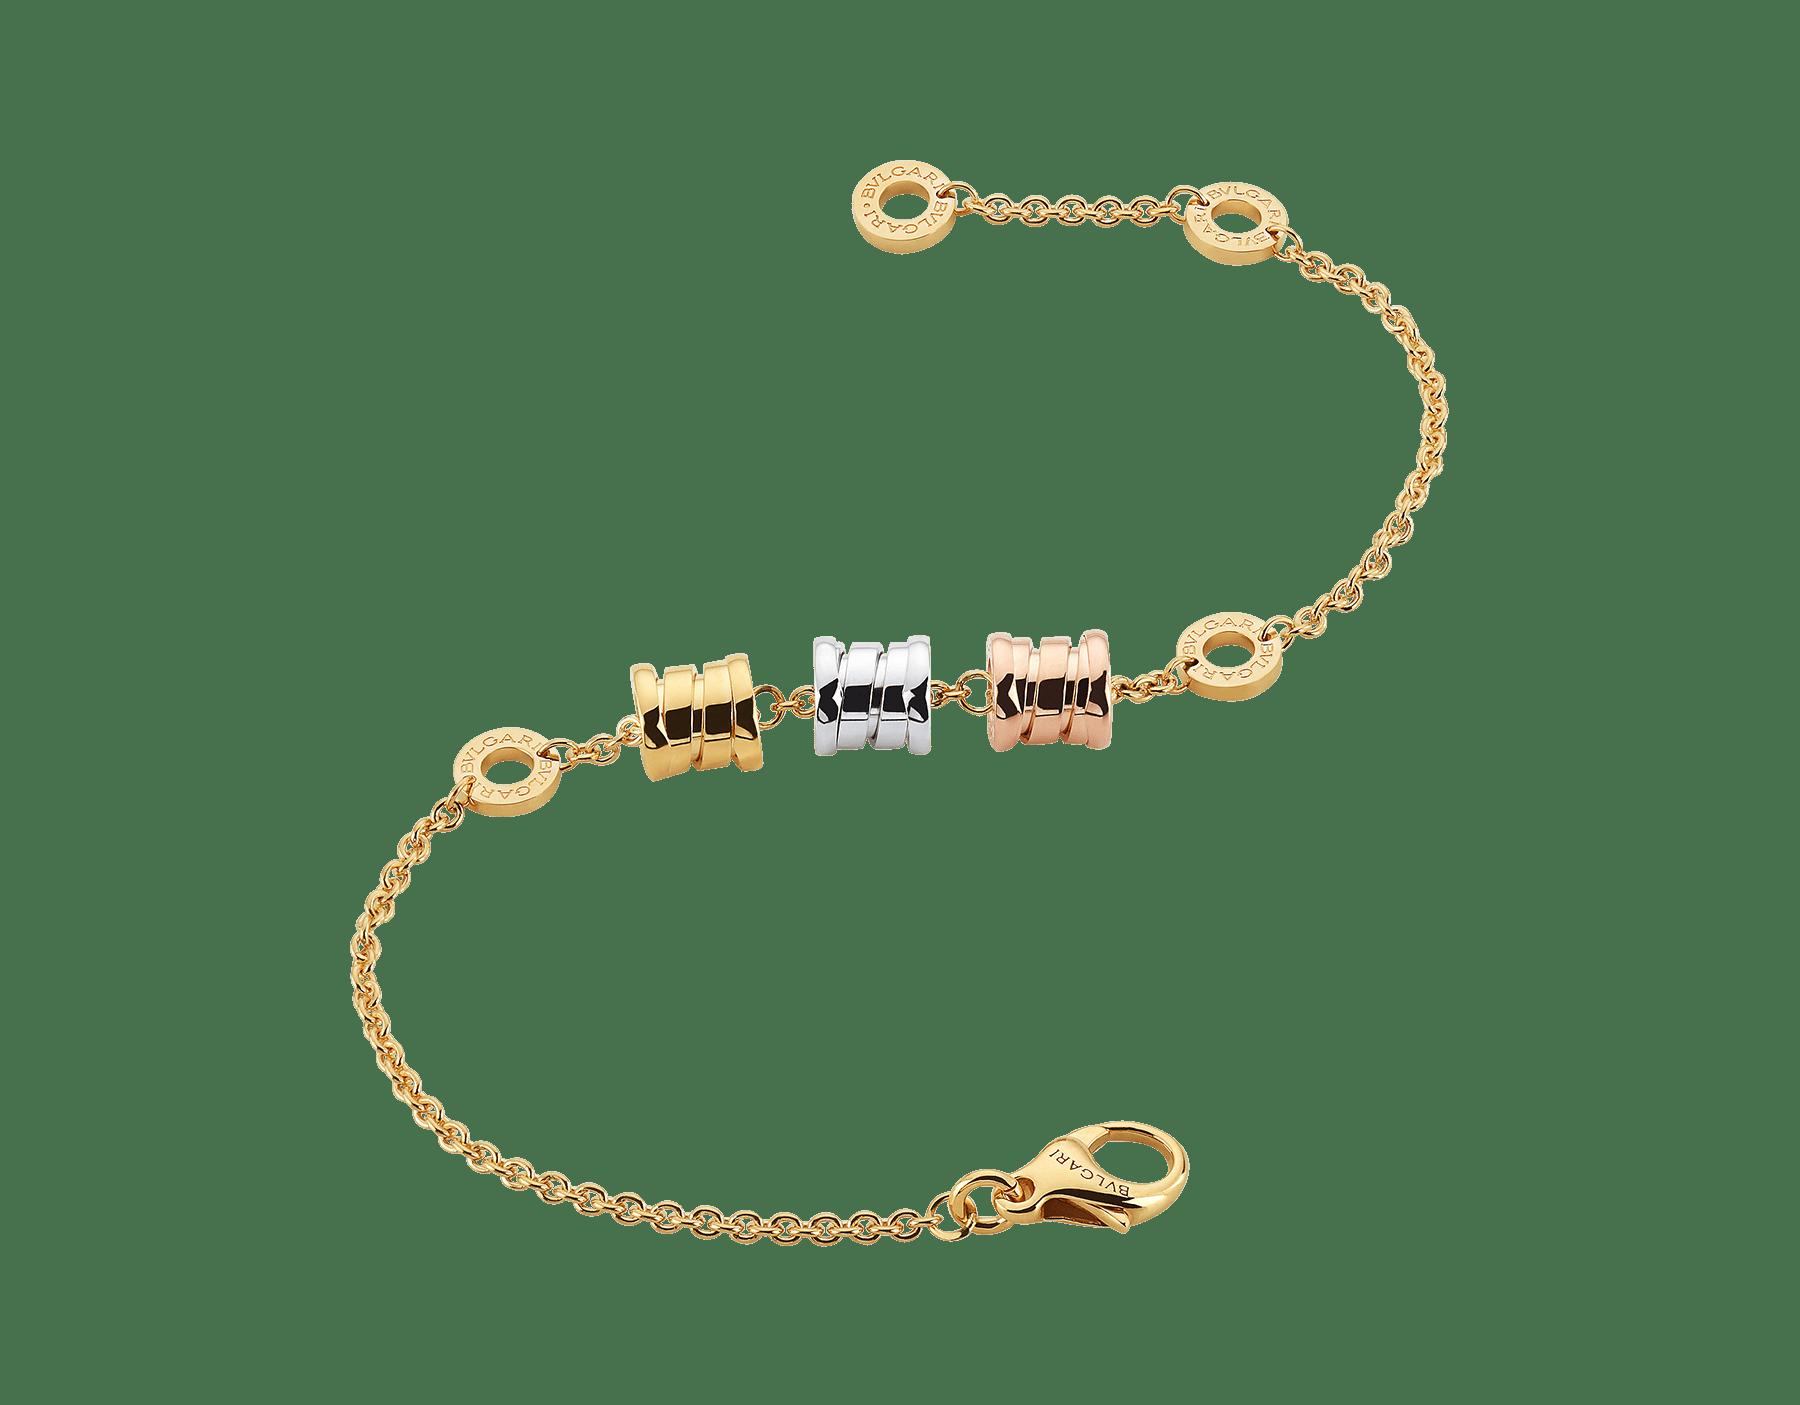 Con tres espirales en todos los colores del oro alrededor de una cadena flexible, la pulsera B.zero1 revela su espíritu contemporáneo con un distintivo diseño e insólitas combinaciones de color. BR853666 image 2